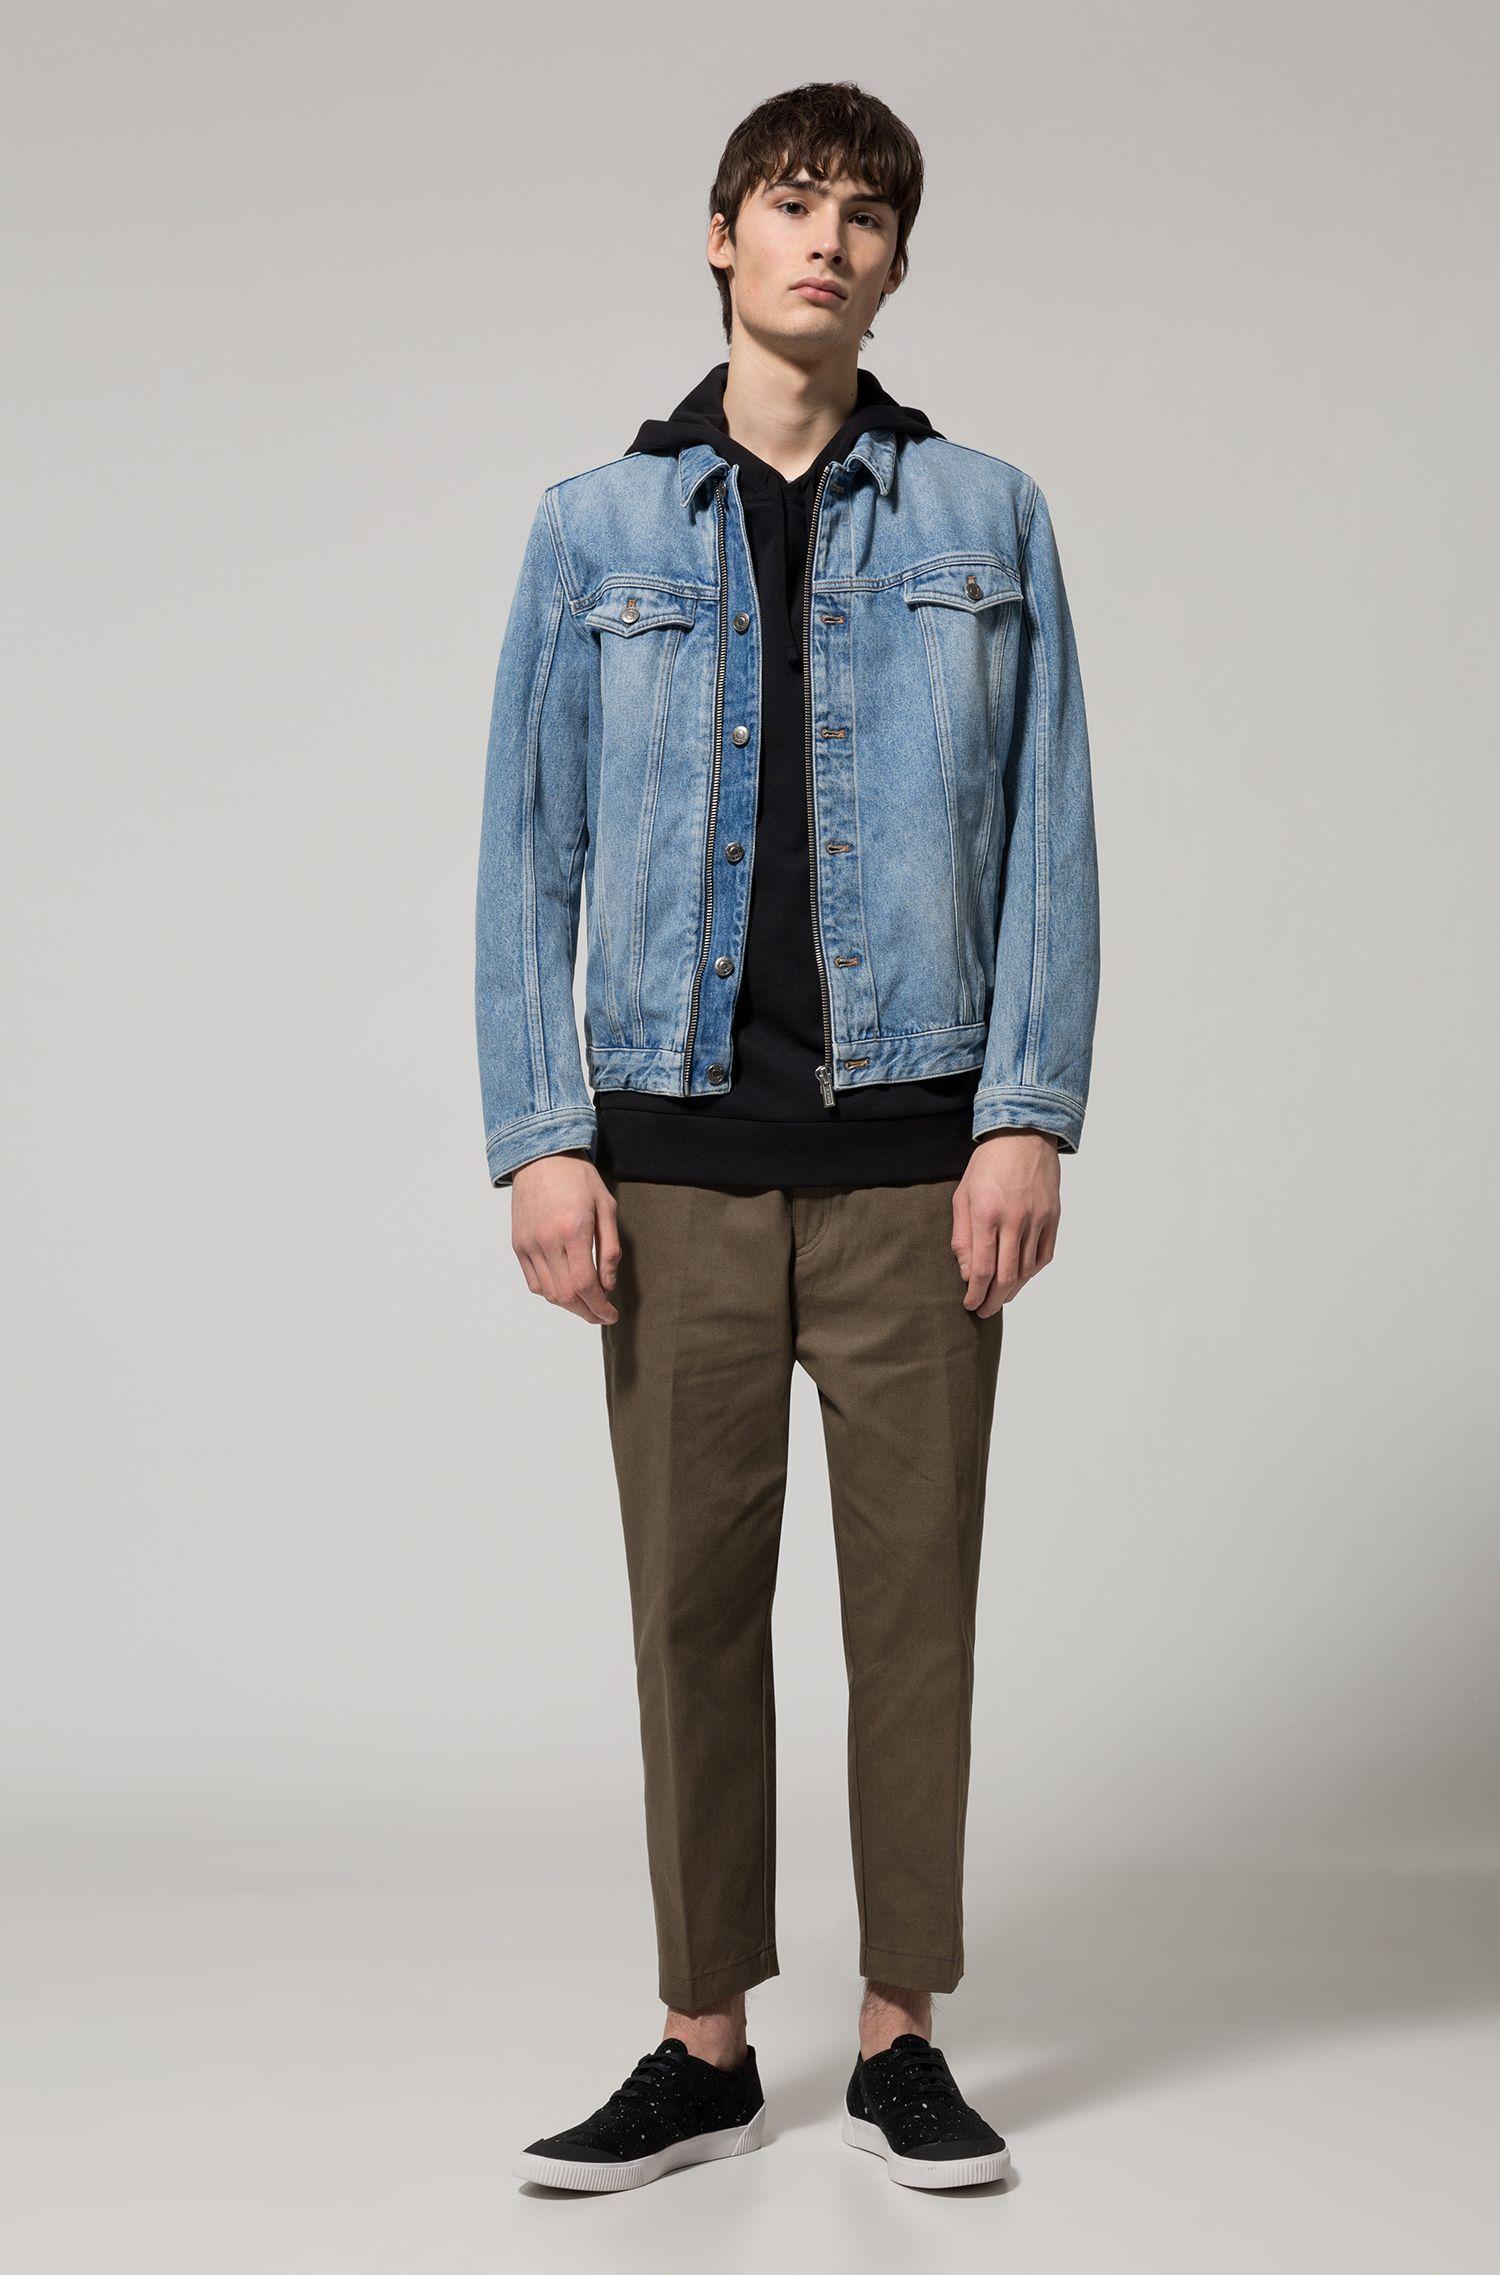 HUGO BOSS Veste en jean à la finition délavée claire, avec fermeture éclair sur le devant